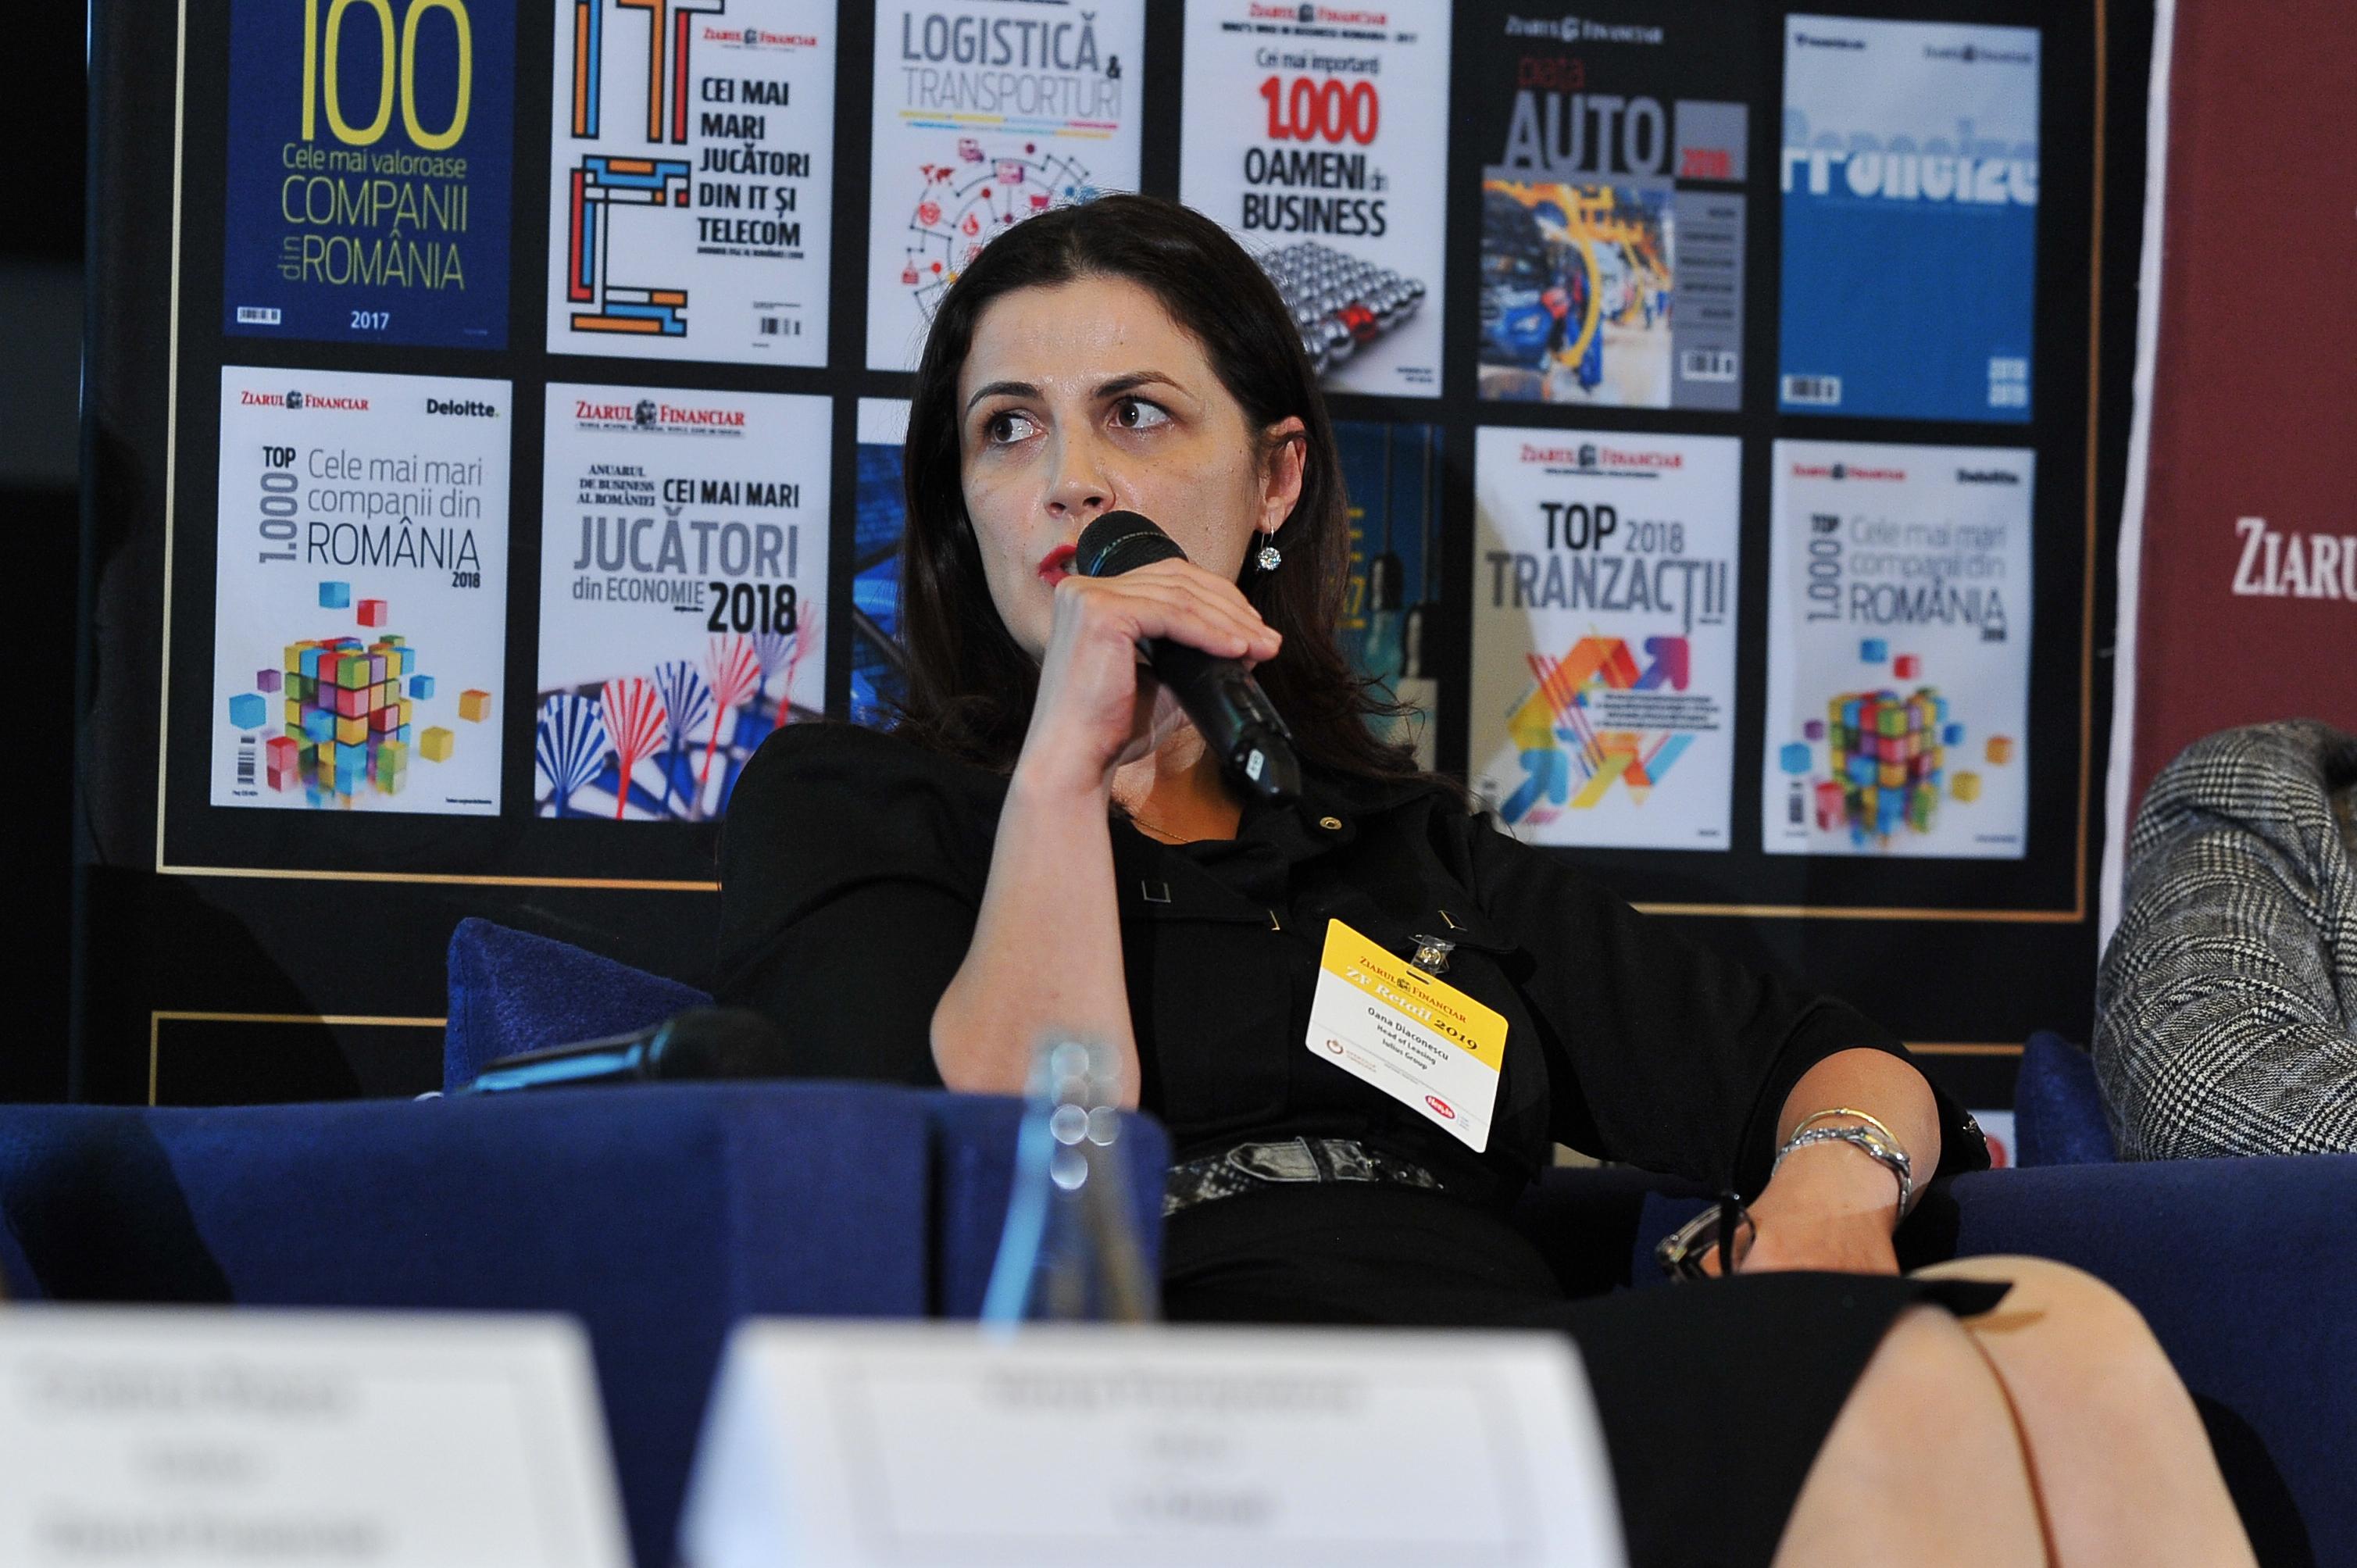 Oana Diaconescu, head of leasing Iulius Group: Viitorul stă în conceptul de mixed-use, cu mall şi clădiri de birouri în acelaşi loc, iar noi acum deschidem al doilea proiect pe acest concept, Openville din Timişoara